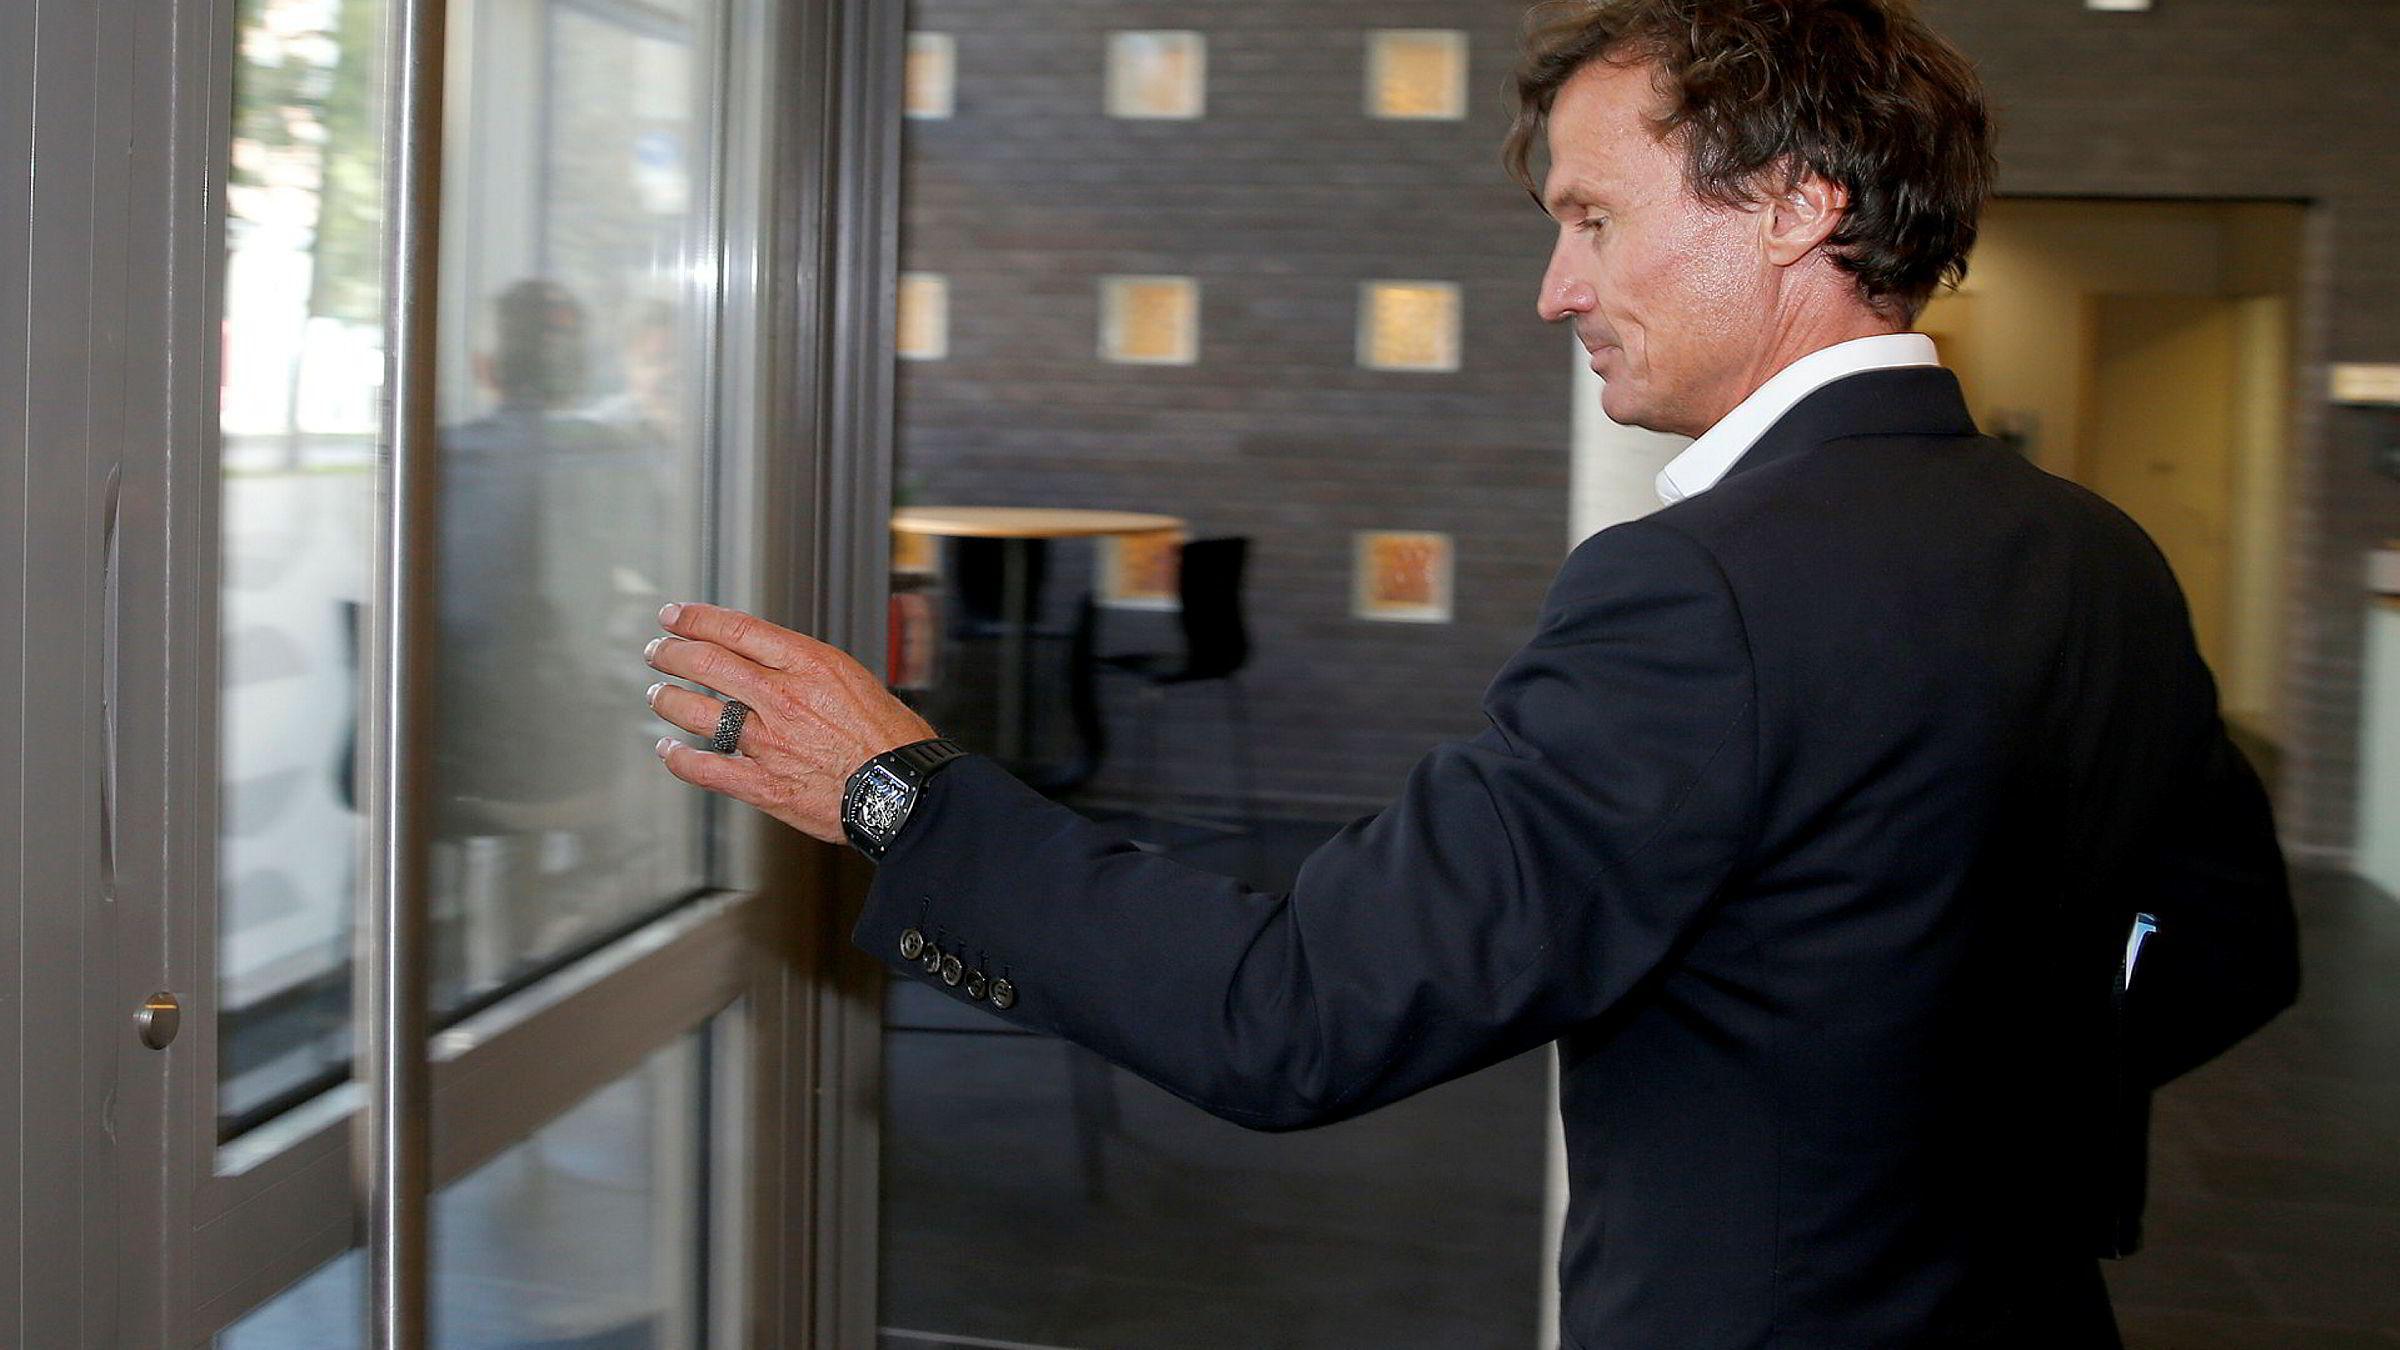 Petter Stordalens Choice Hotels er blant virksomhetene som er rammet av det internasjonale dataangrepet.